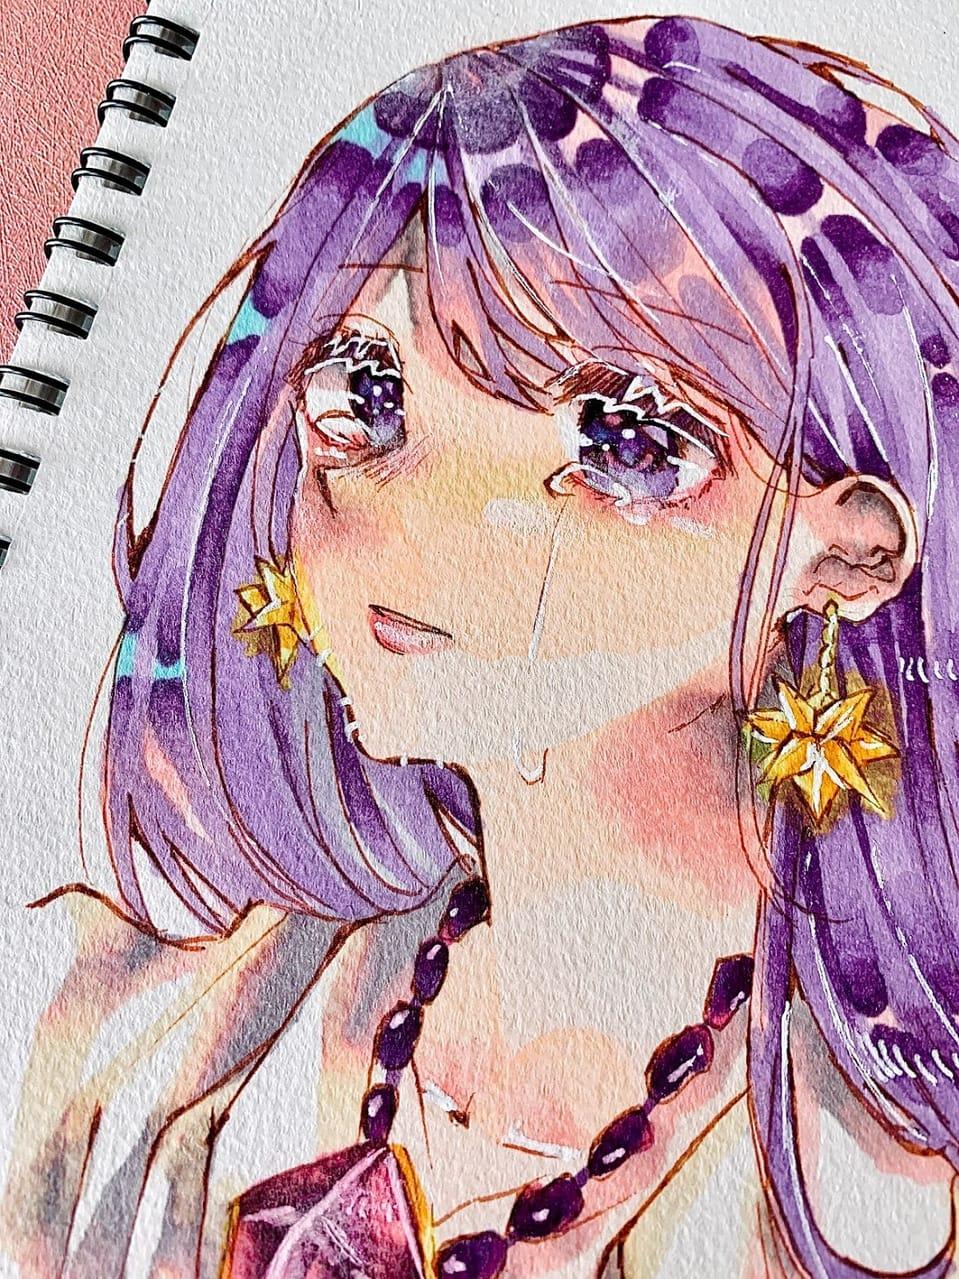 イヤリング(?)の位置おかしいよねっていう絵 Illust of フラミパン oc 中学生の本気 girl head star purple アナログ バストアップ tears 過去絵